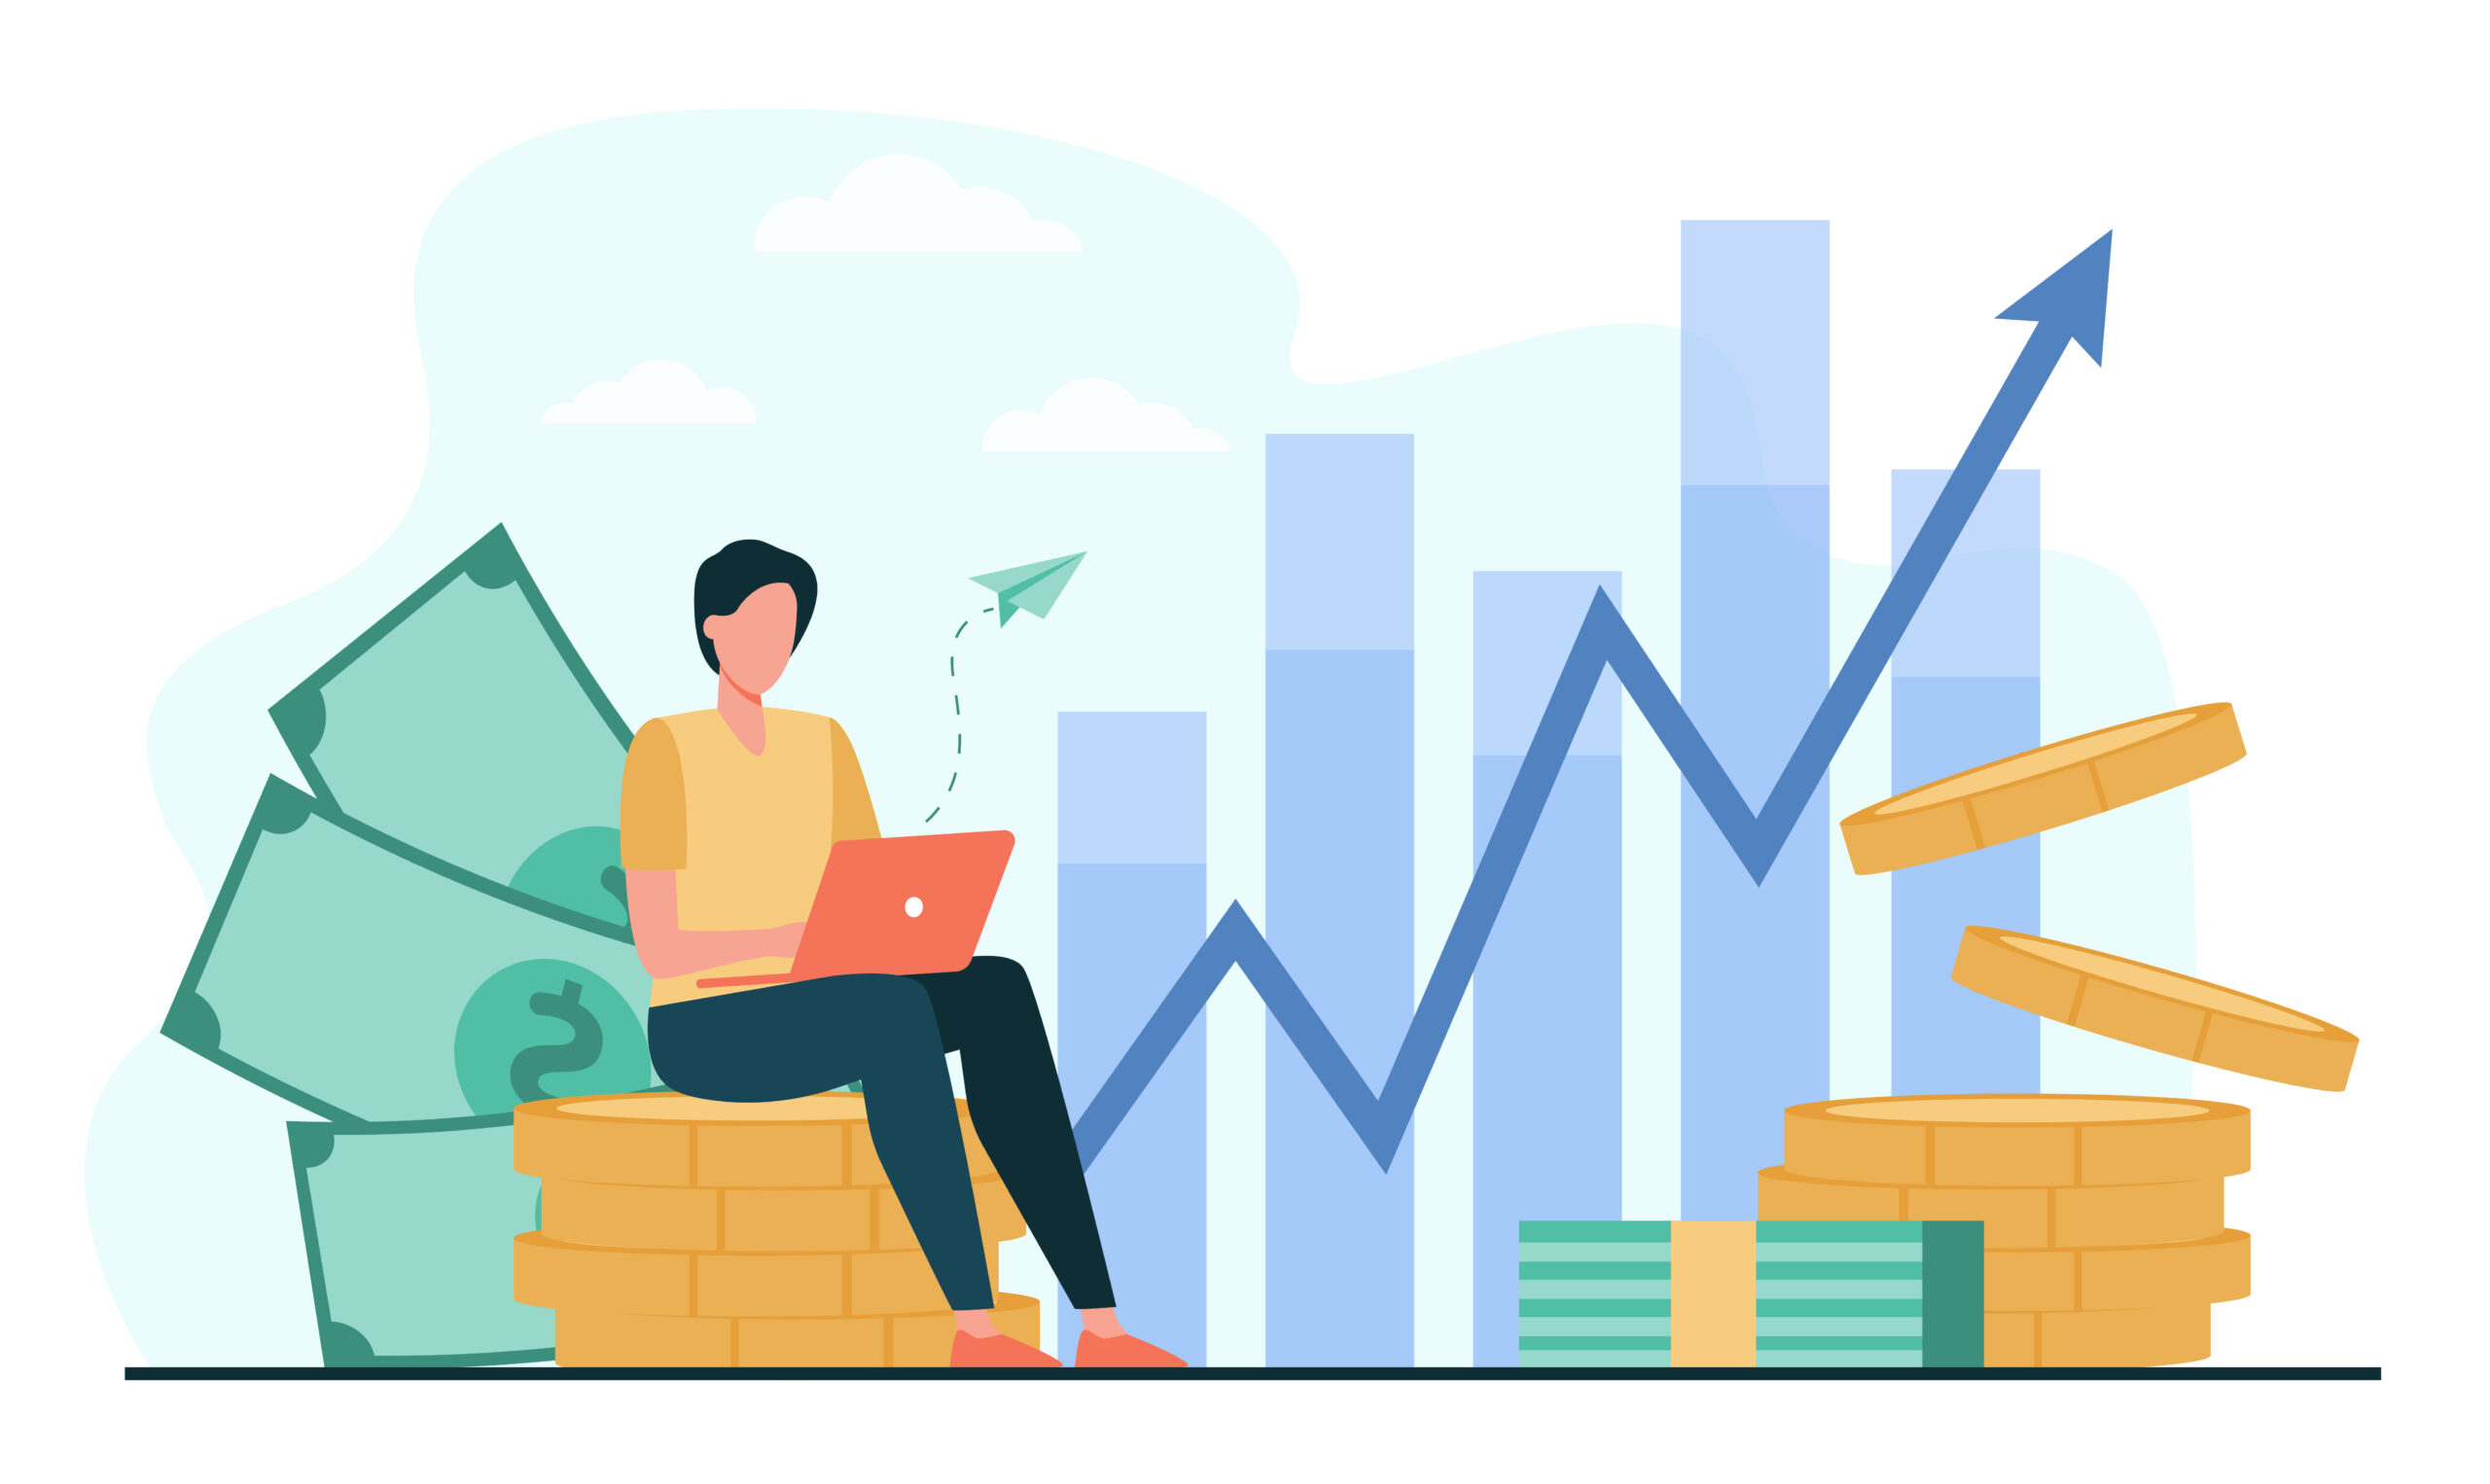 Fintech時代、金融機関がデータ活用をしなければいけない理由とは